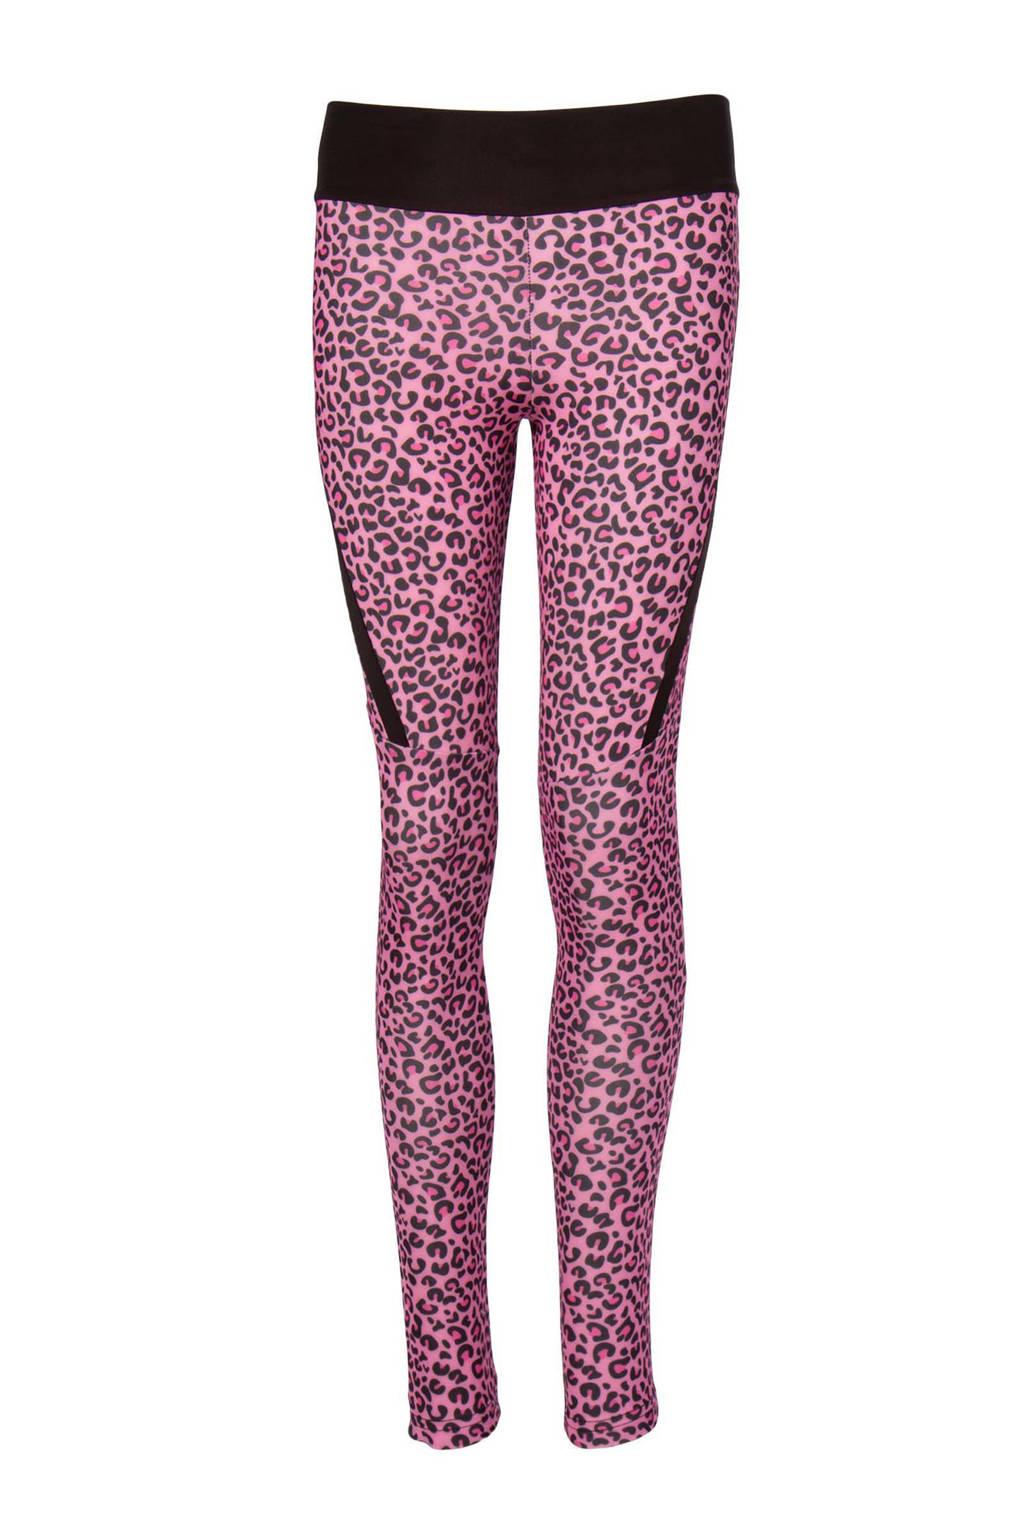 Papillon sportlegging panterprint roze/zwart, Roze/zwart